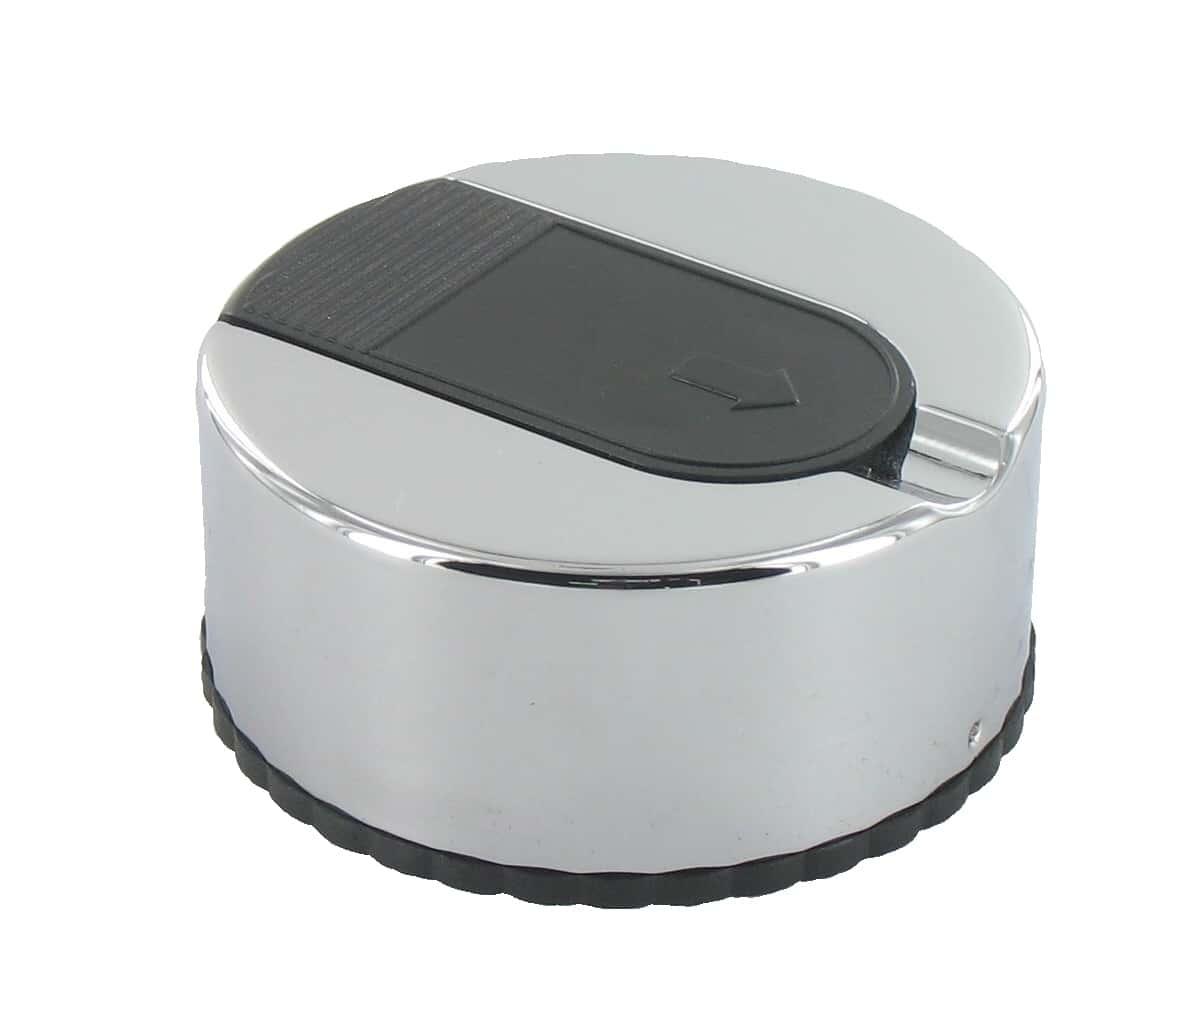 Favori Cendrier de poche Glissière Noire - 8,99€ EI16